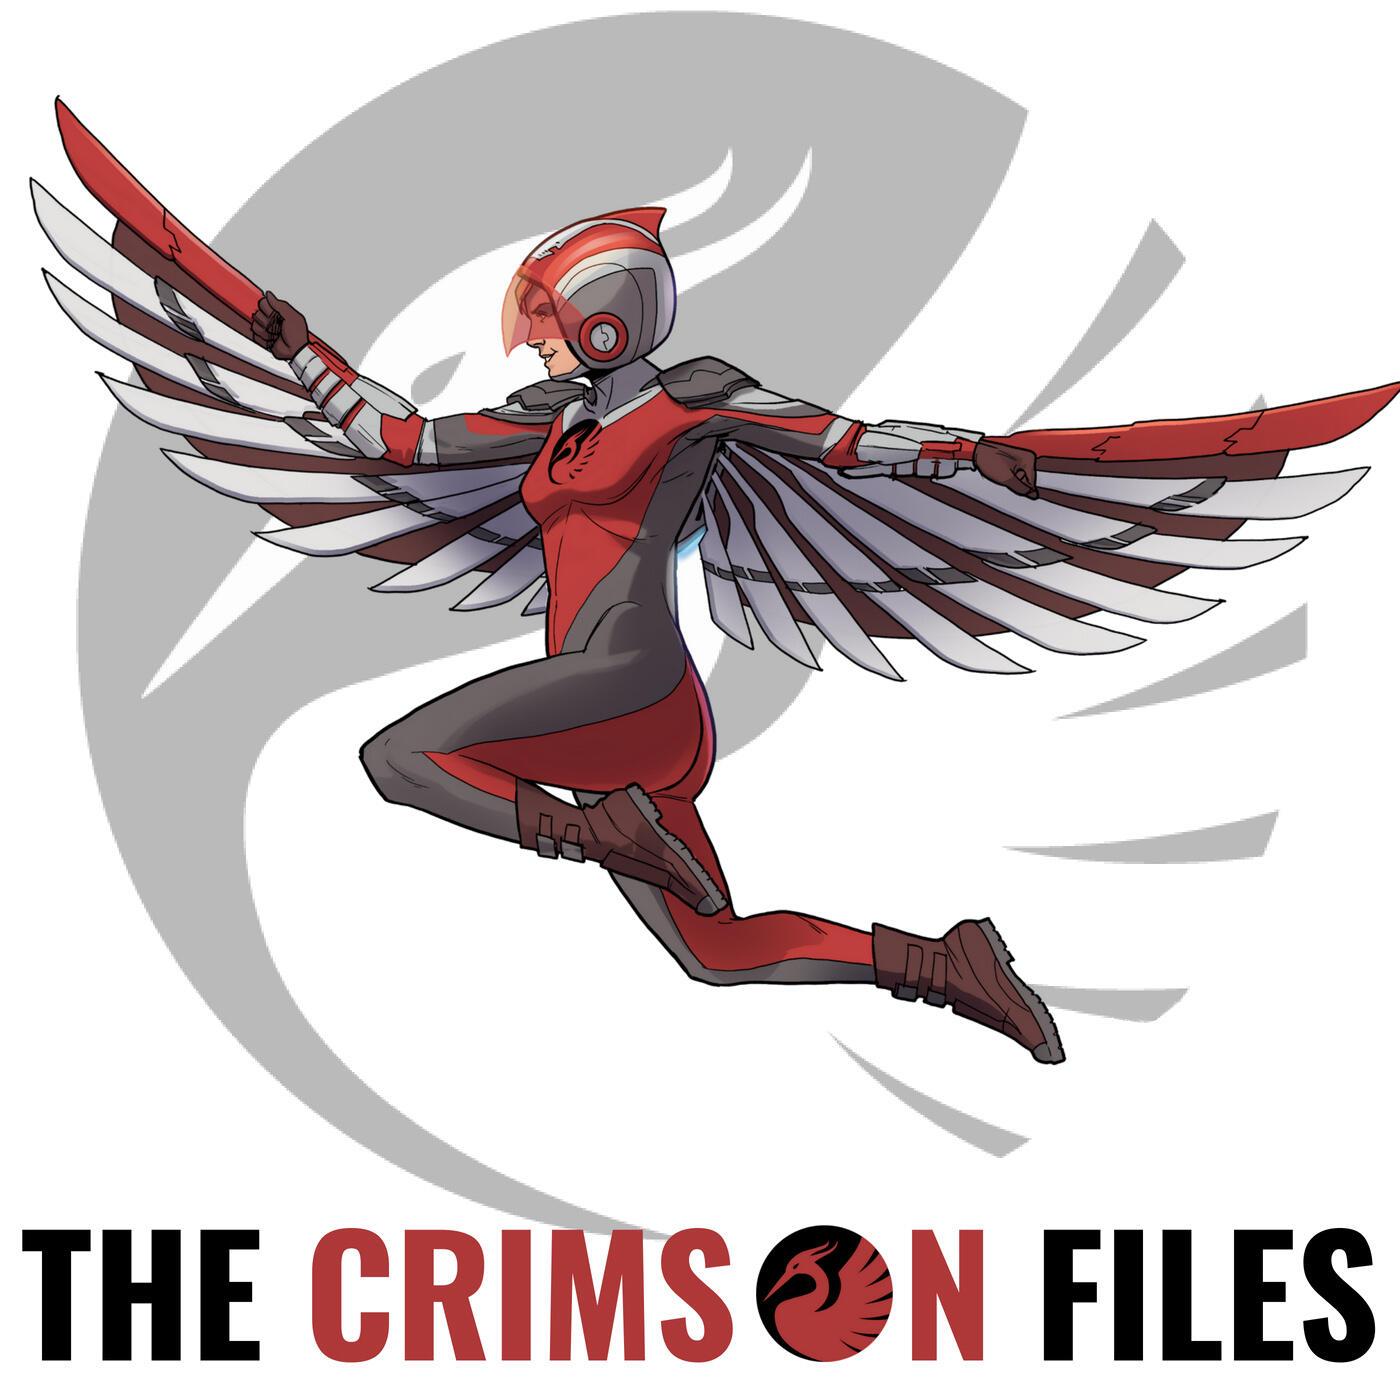 The Crimson Files